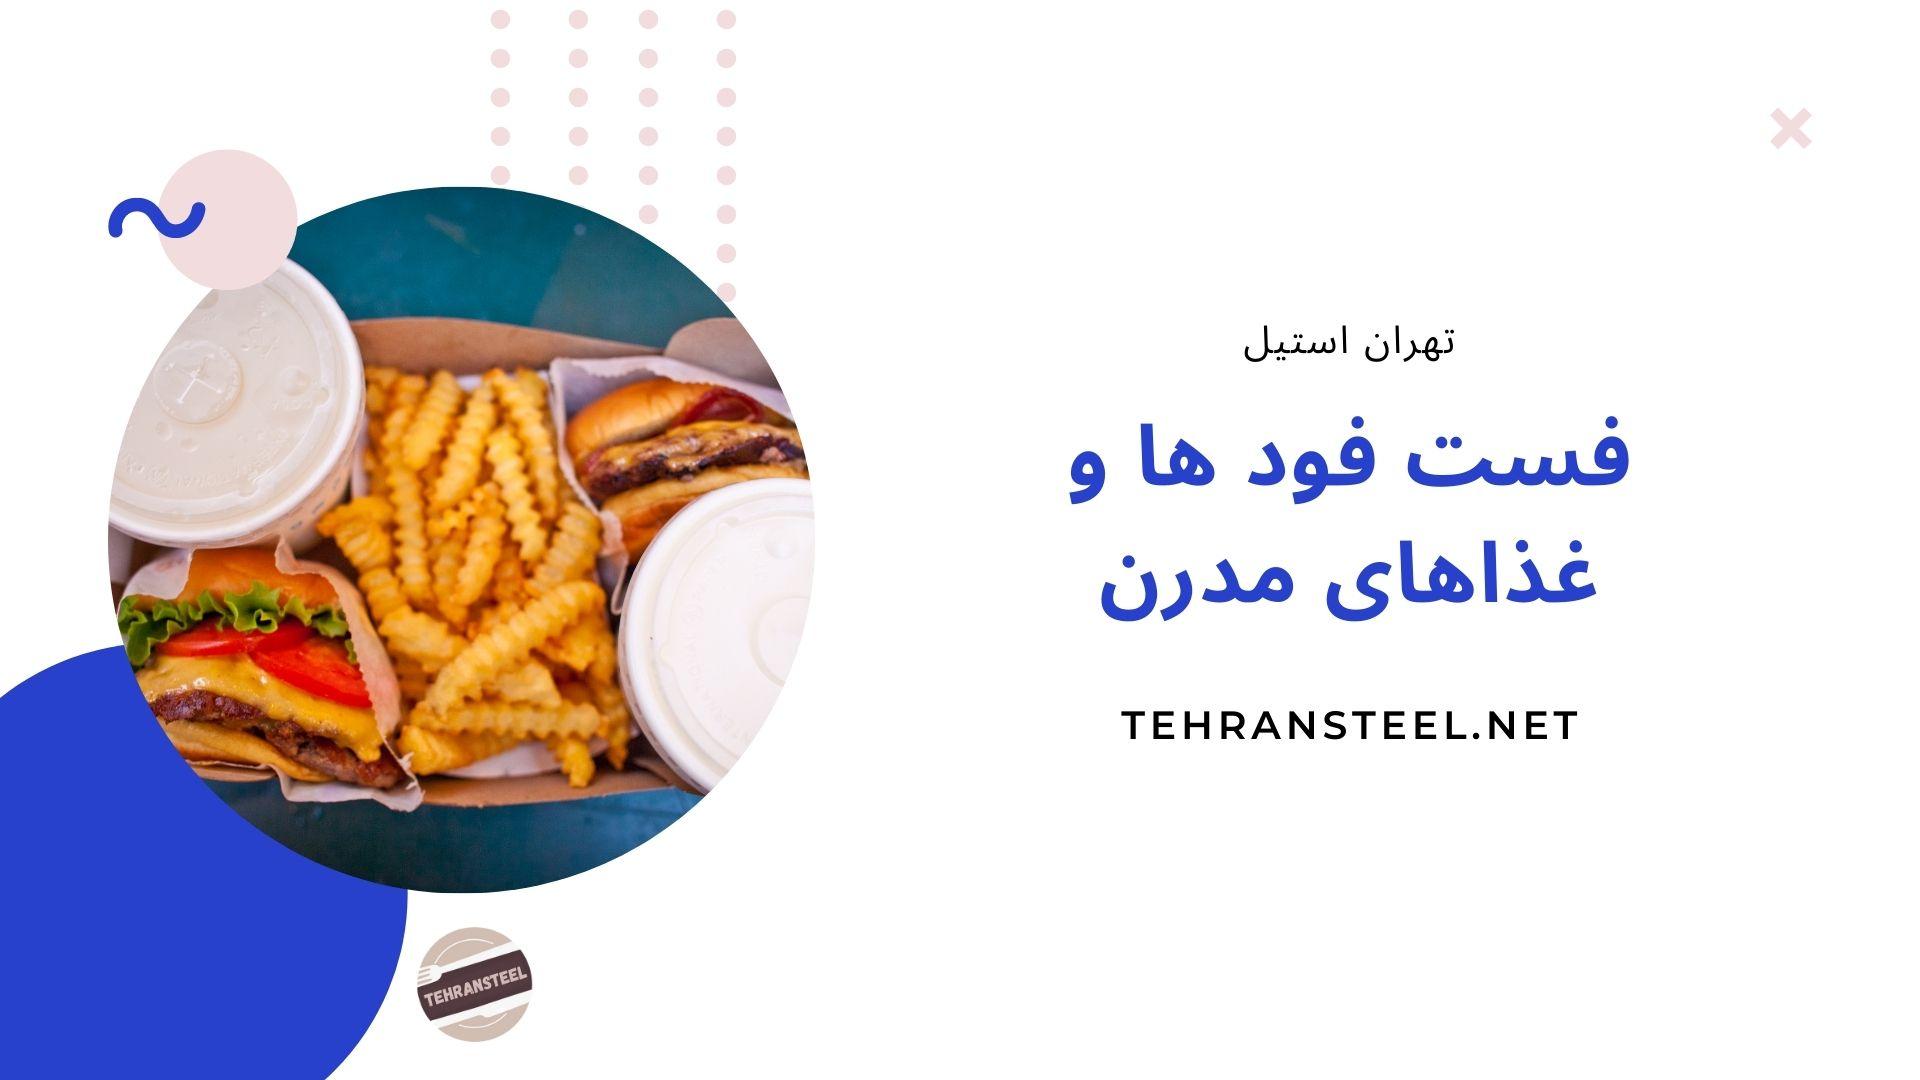 فست فود ها و غذاهای مدرن